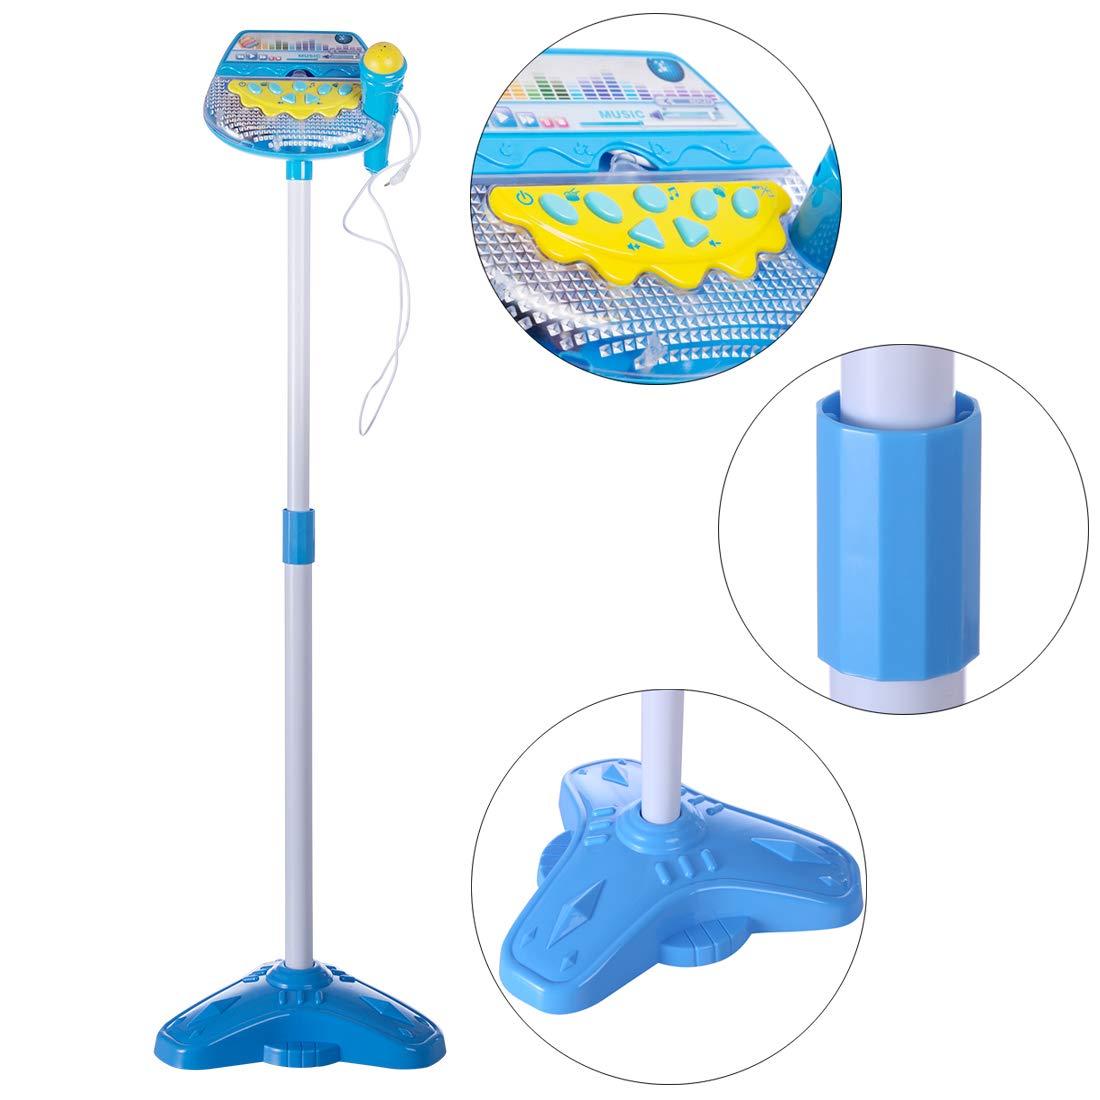 LVPY Karaokemaschinen Mikrofon Spielzeug, Standmikrofon Einstellbar mit Ständer und Licht Mikrofon Musik Spielzeug Geschenk für Kinder - Blau